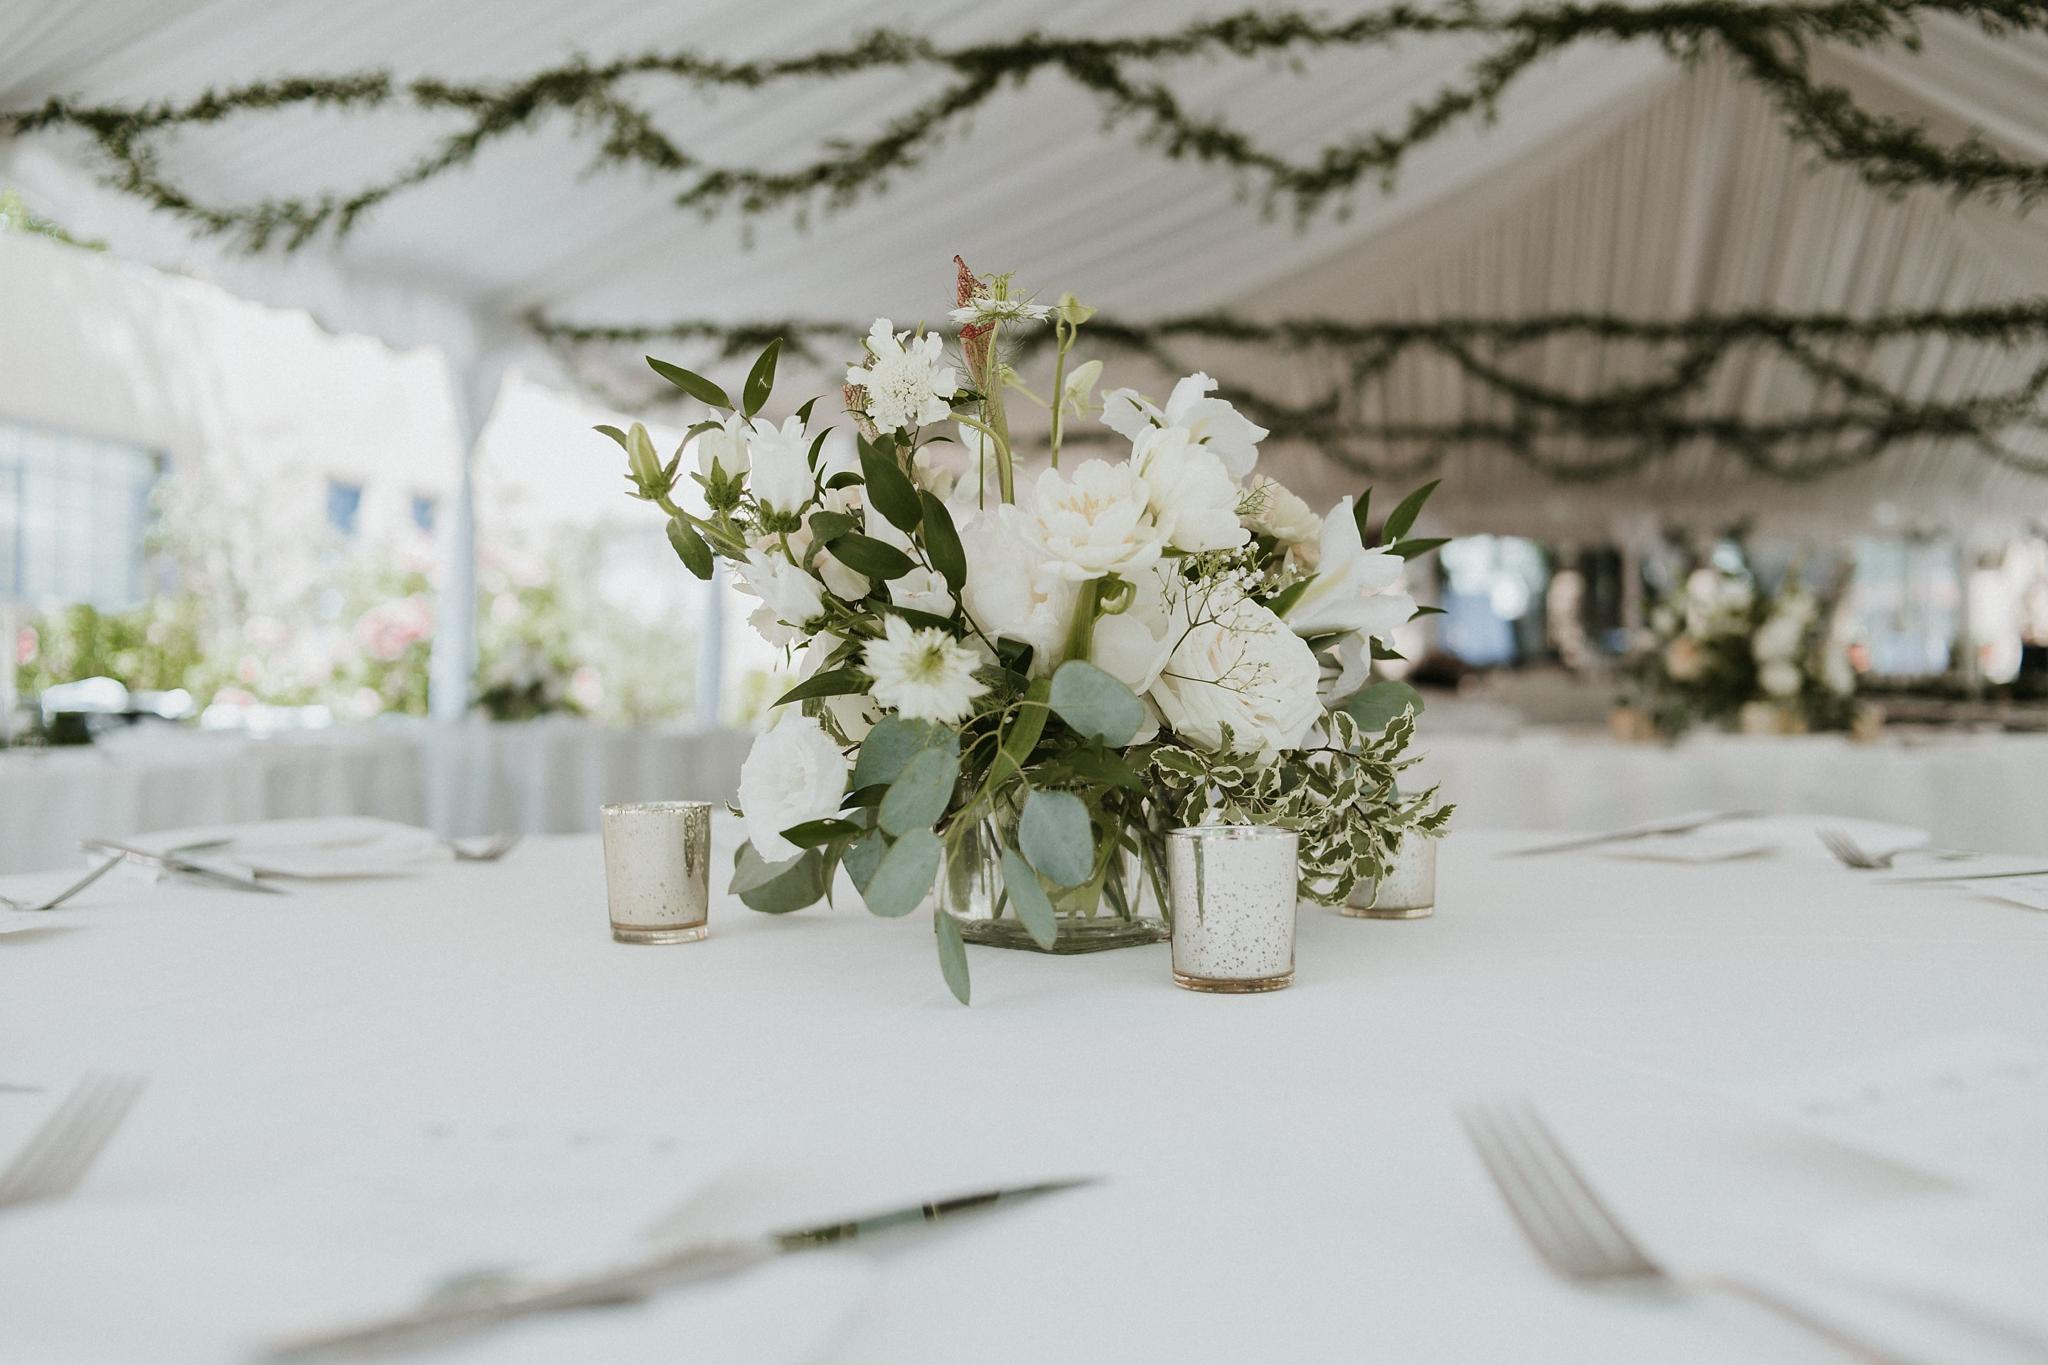 Alicia+lucia+photography+-+albuquerque+wedding+photographer+-+santa+fe+wedding+photography+-+new+mexico+wedding+photographer+-+new+mexico+wedding+-+wedding+reception+-+wedding+florals+-+wedding+centerpieces+-+floral+centerpieces_0052.jpg